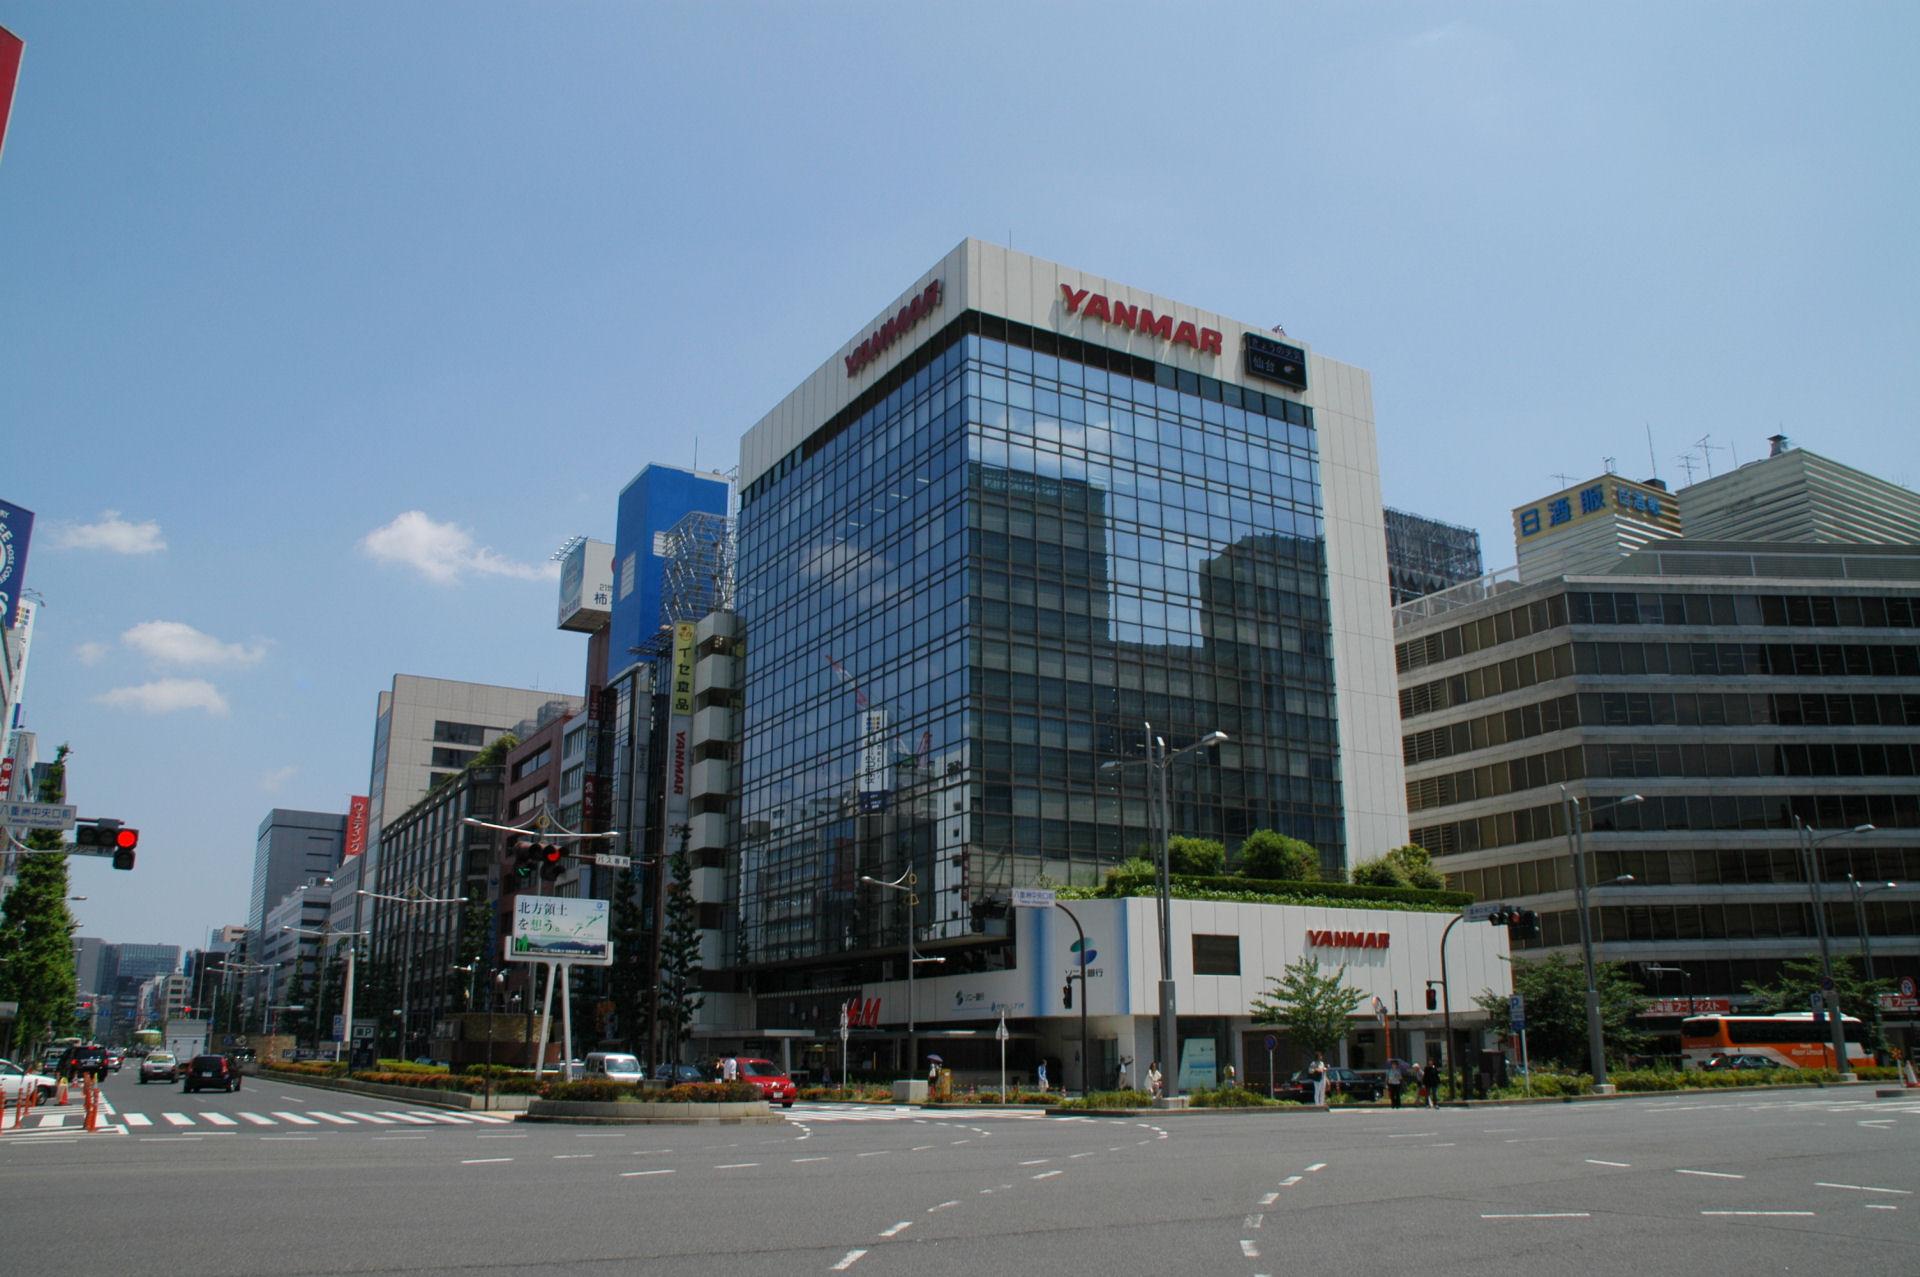 yaesu2n0002e.jpg